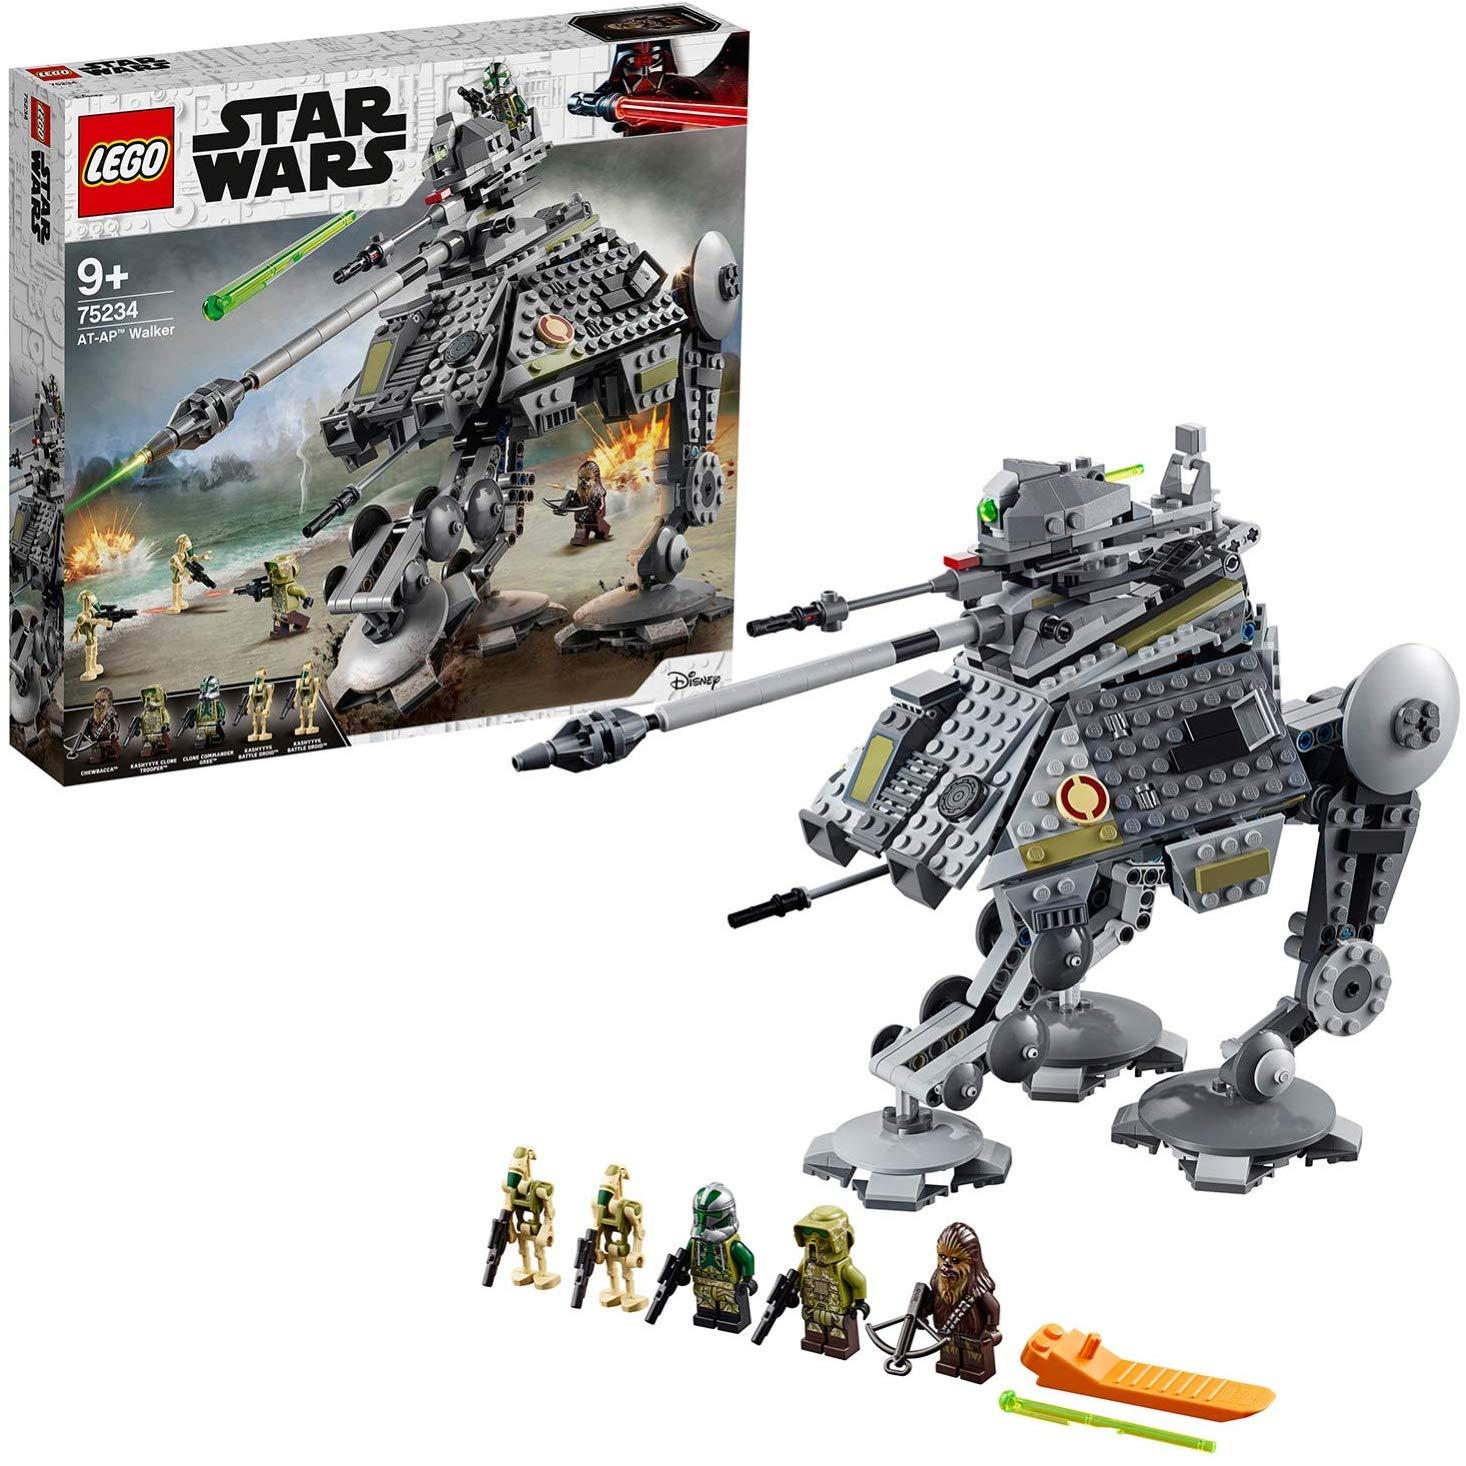 Jeu de construction Lego : Star Wars AT-AP - 75234